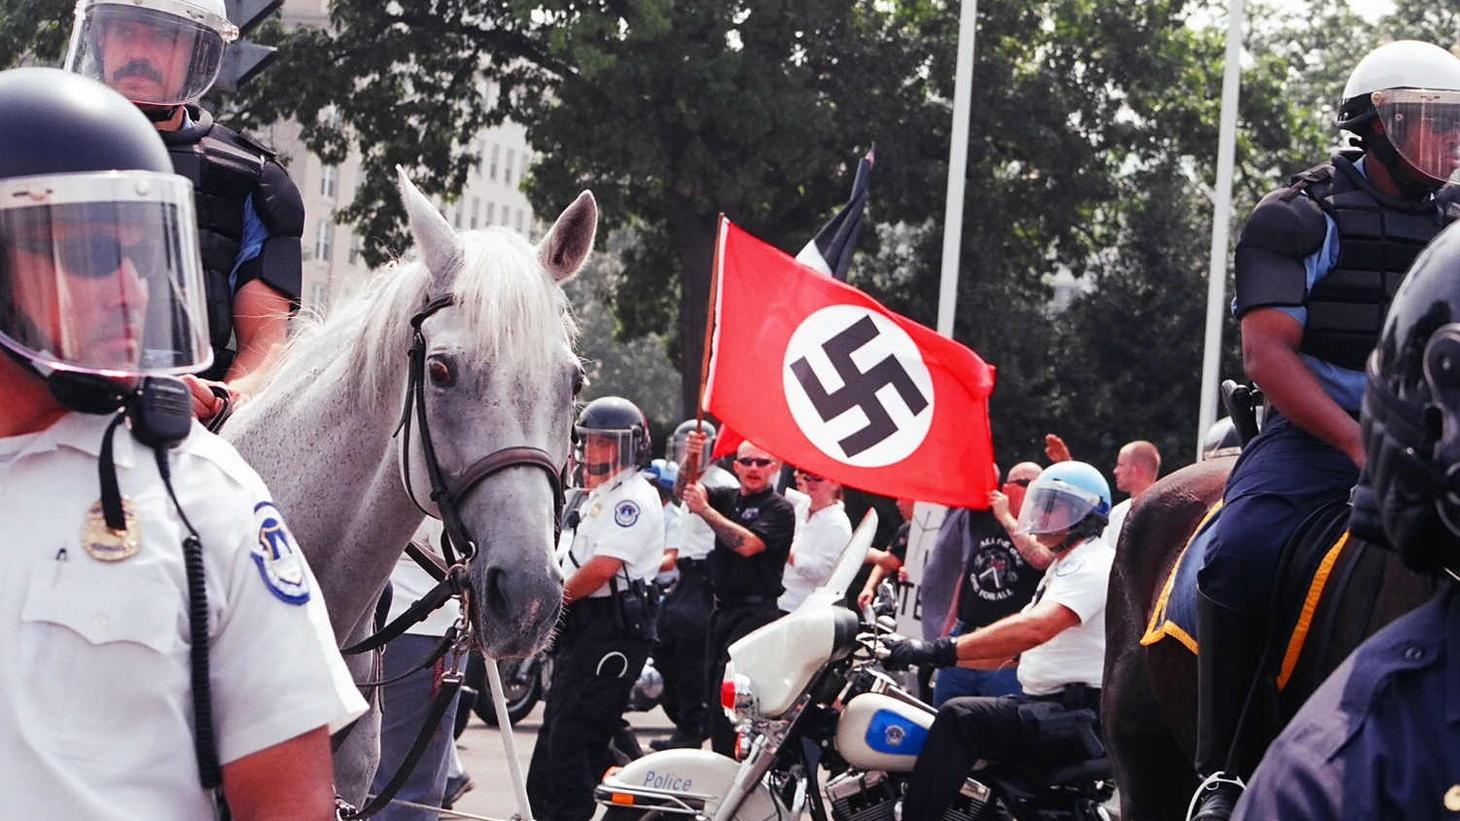 National Alliance Neo-Nazi rally.